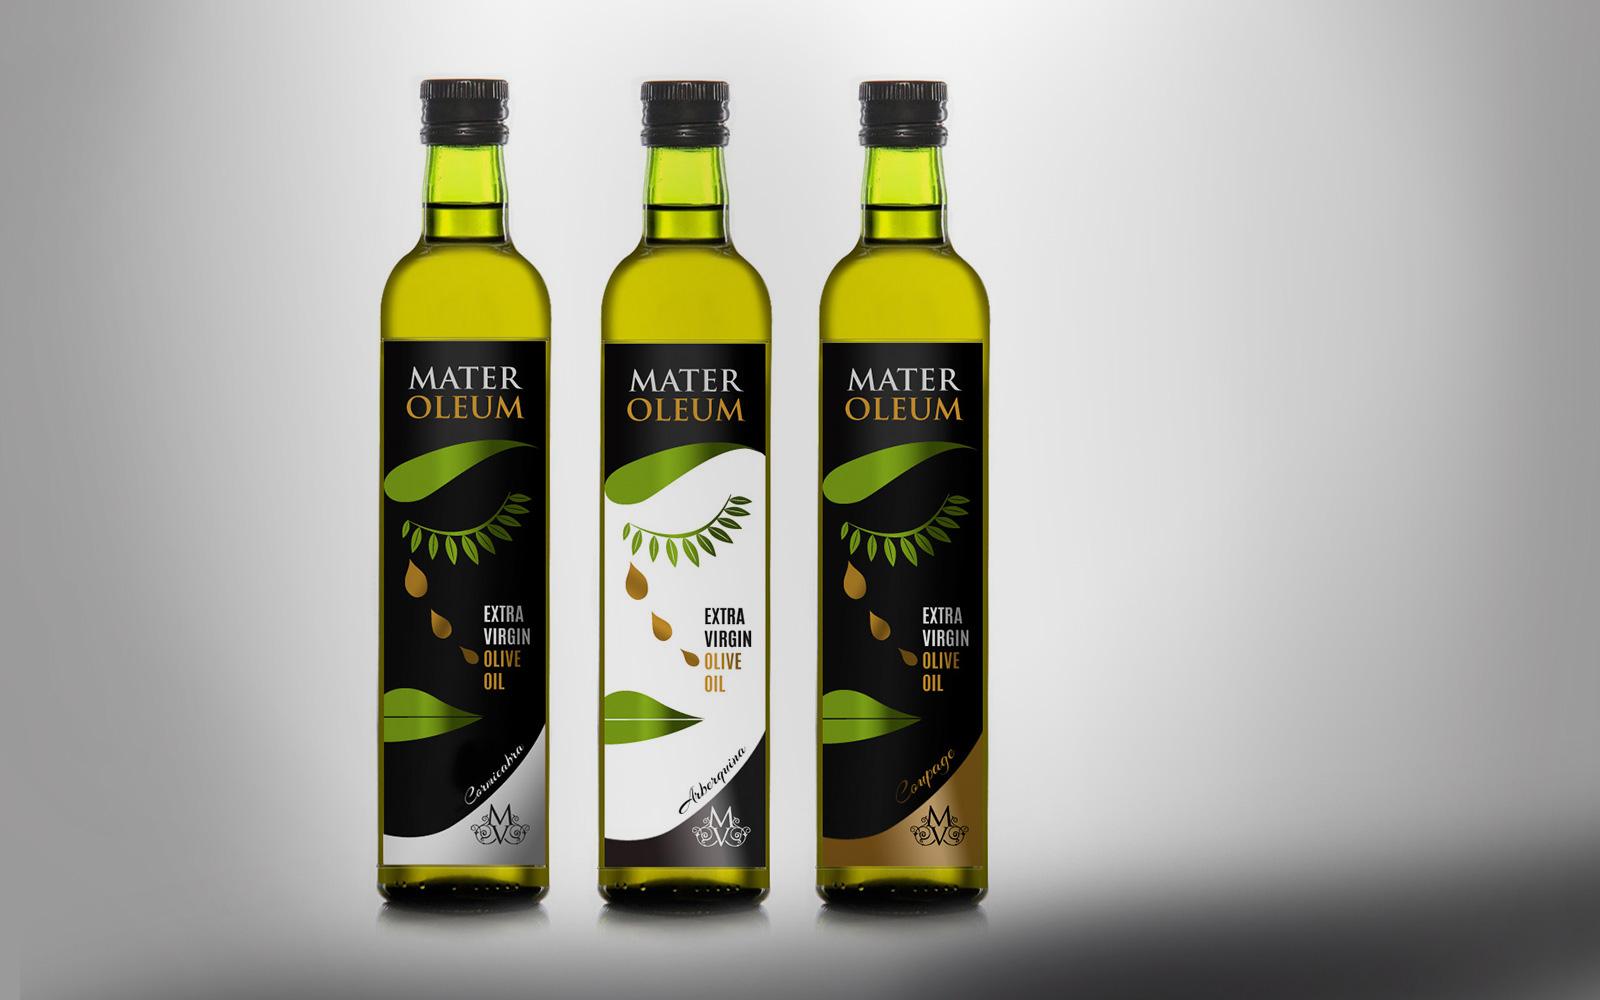 etiqueta_aceite_mater_oliva2